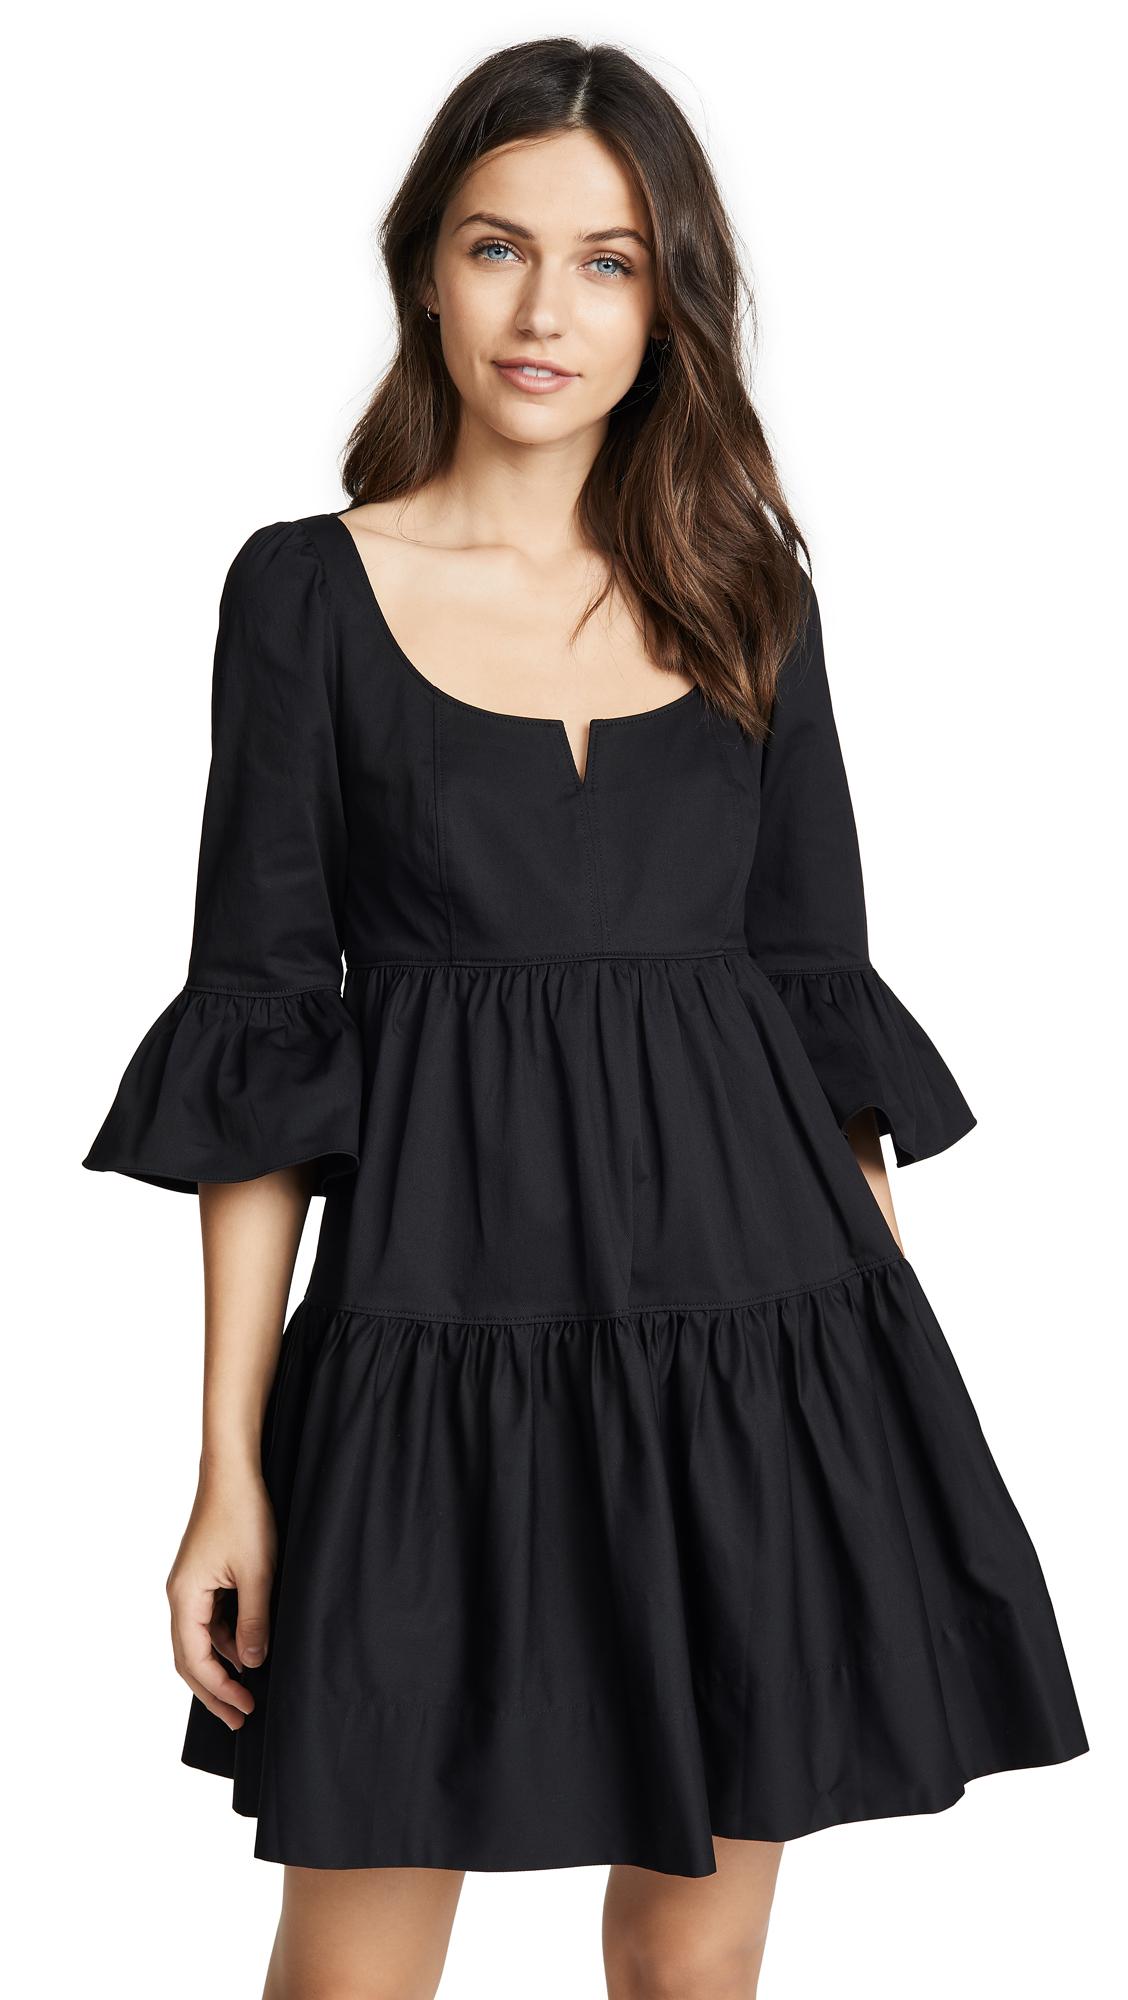 Cinq a Sept Anya Dress - Black